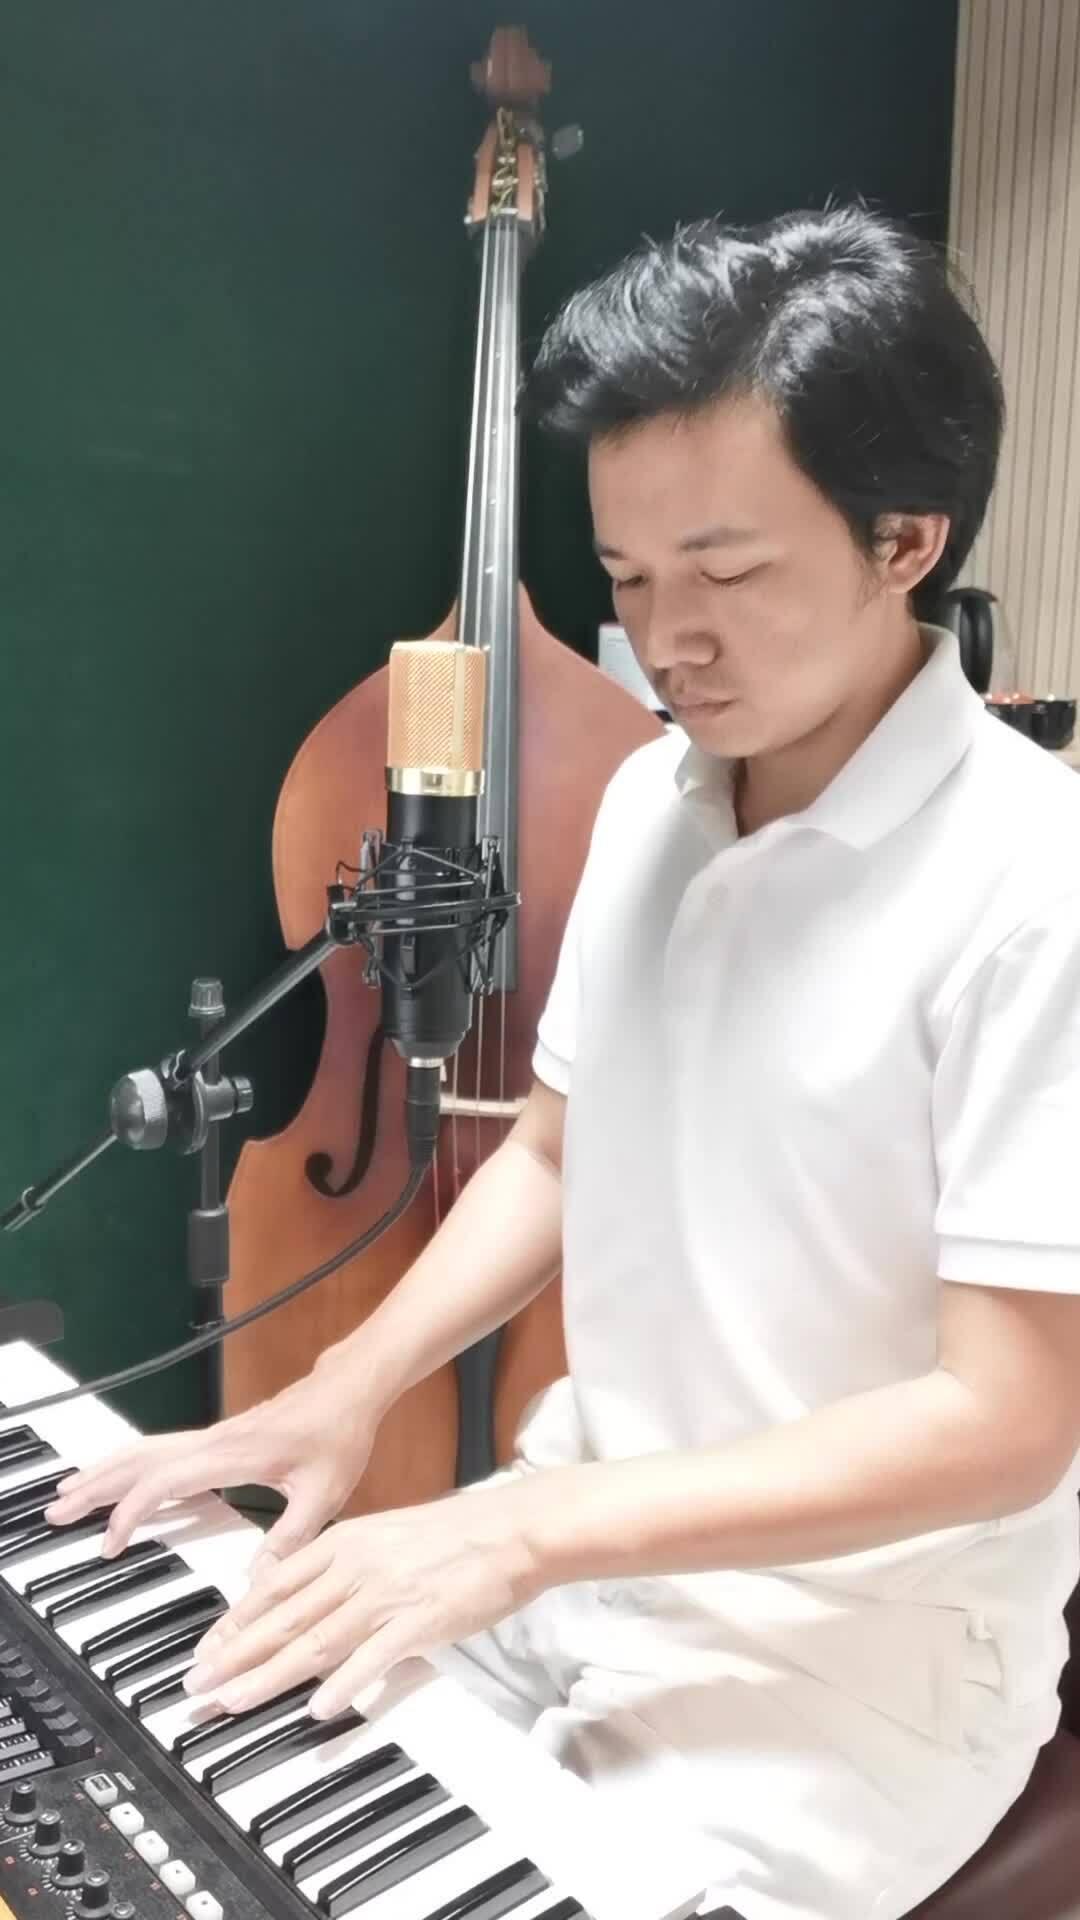 Nhạc sĩ Nguyễn Bá Hùng sáng tác ca khúc về Sài Gòn